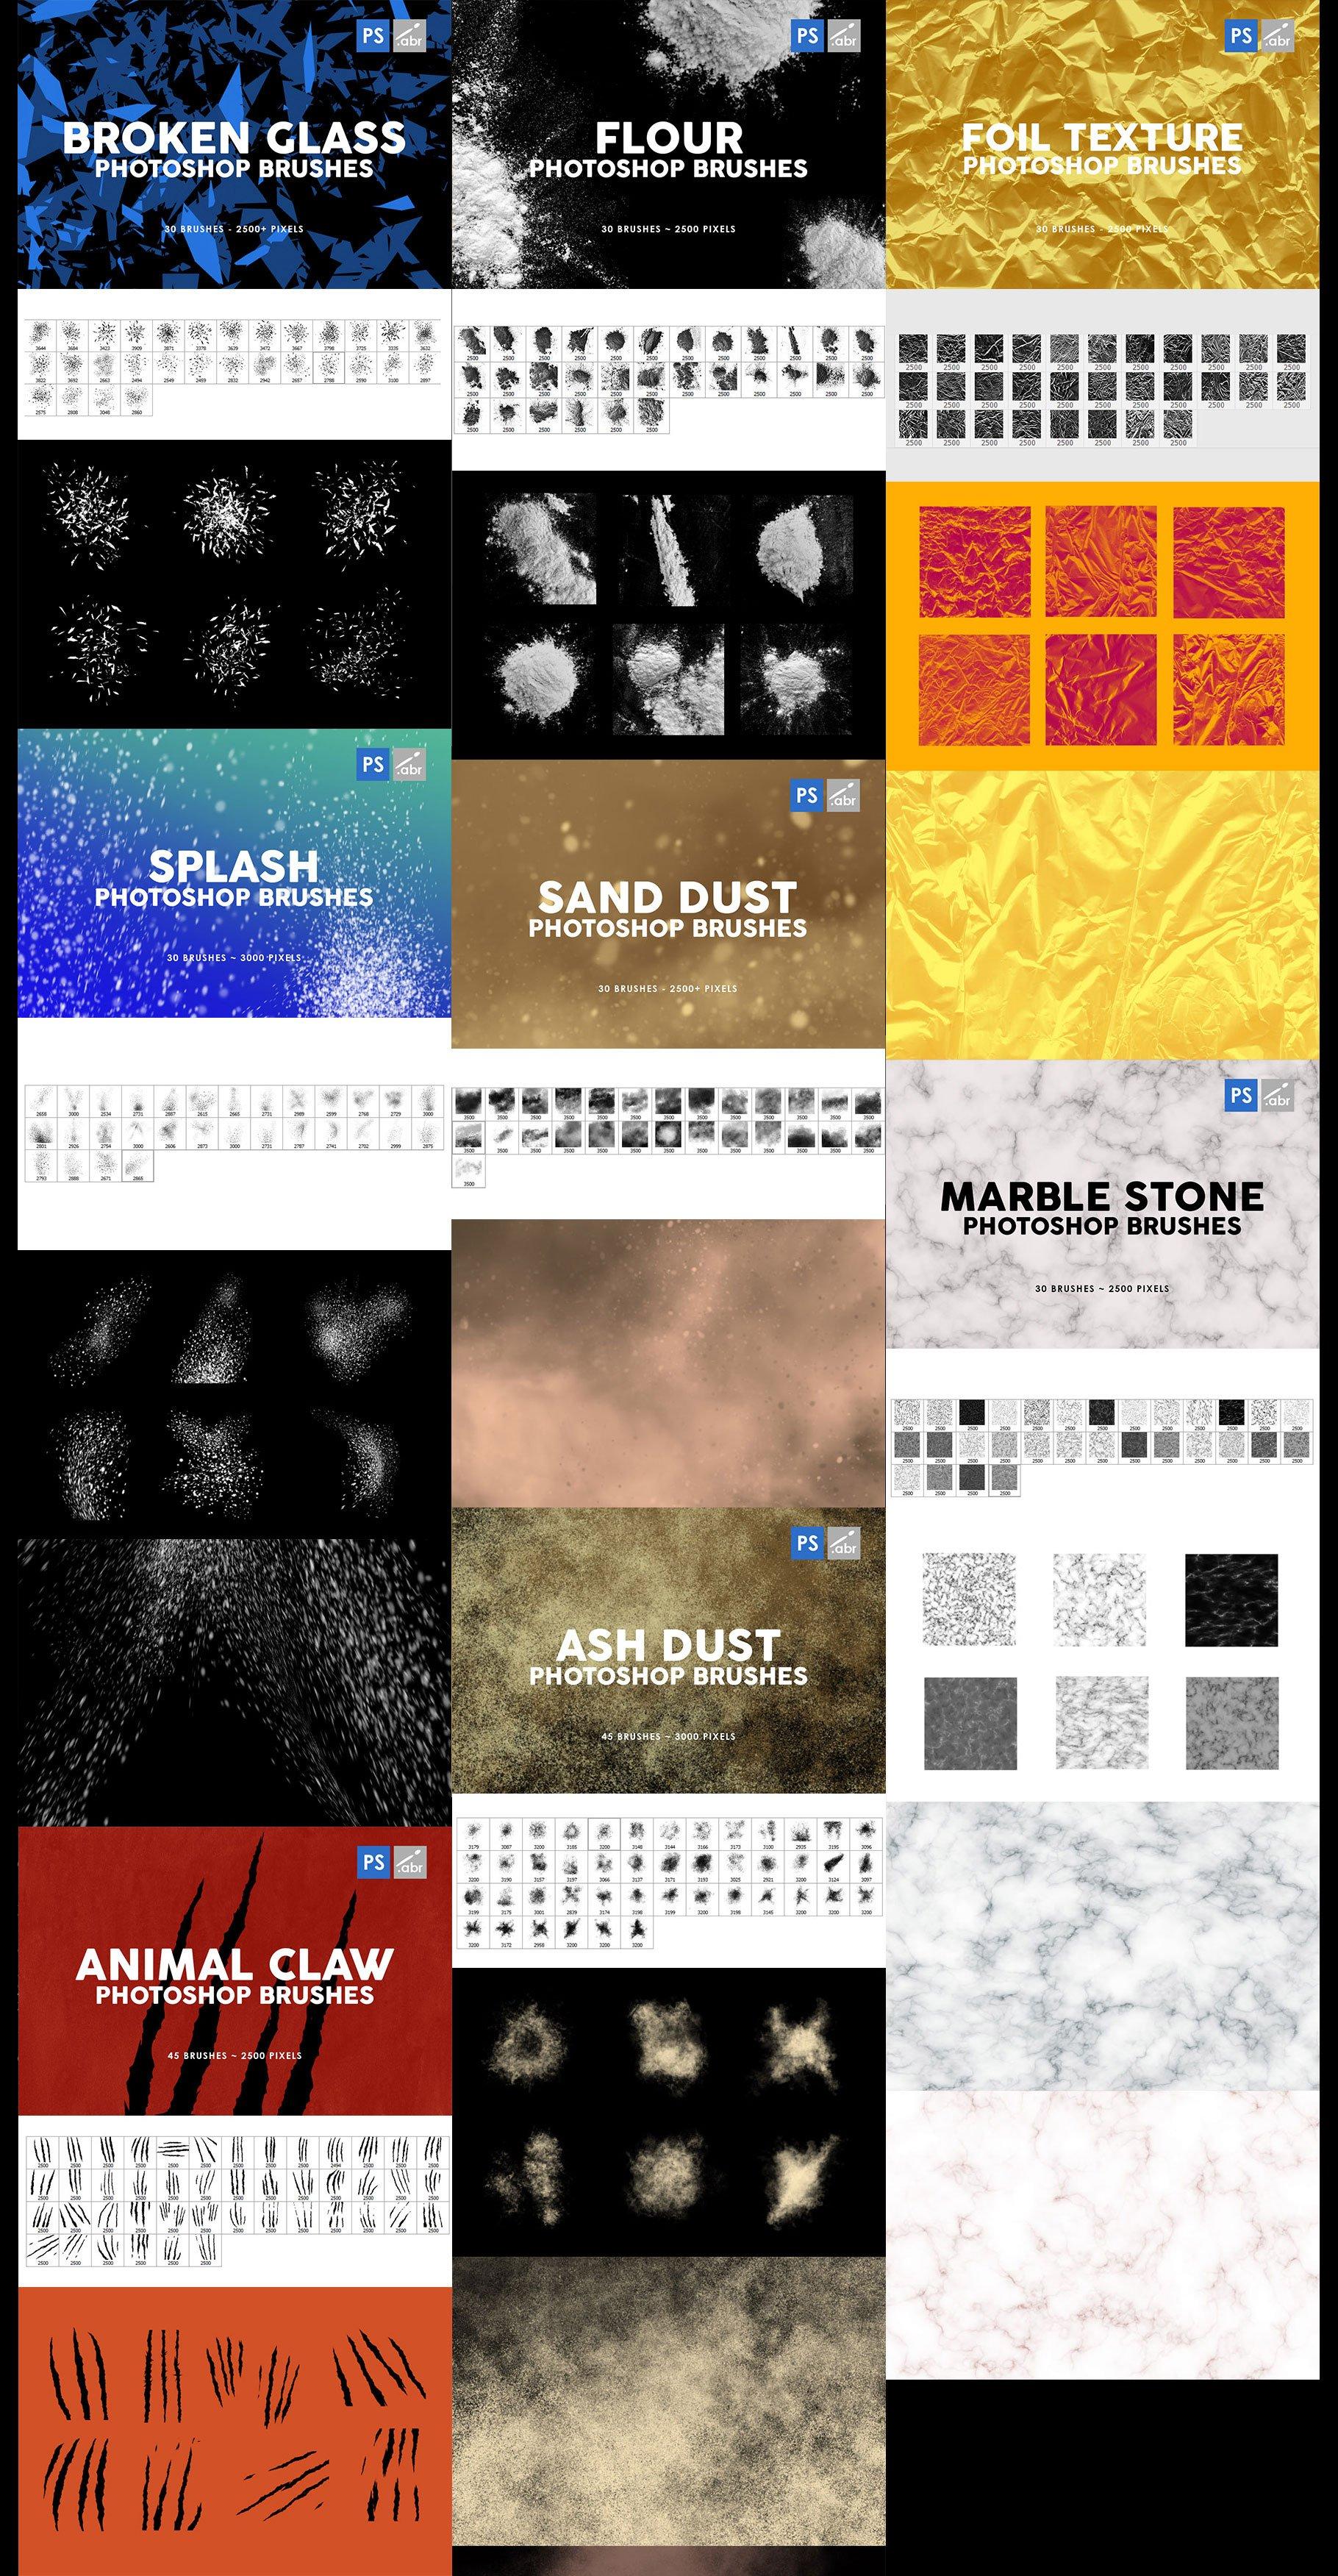 3000个Photoshop笔刷ps笔刷印章笔刷巨无霸插件套装designshidai_bishua064